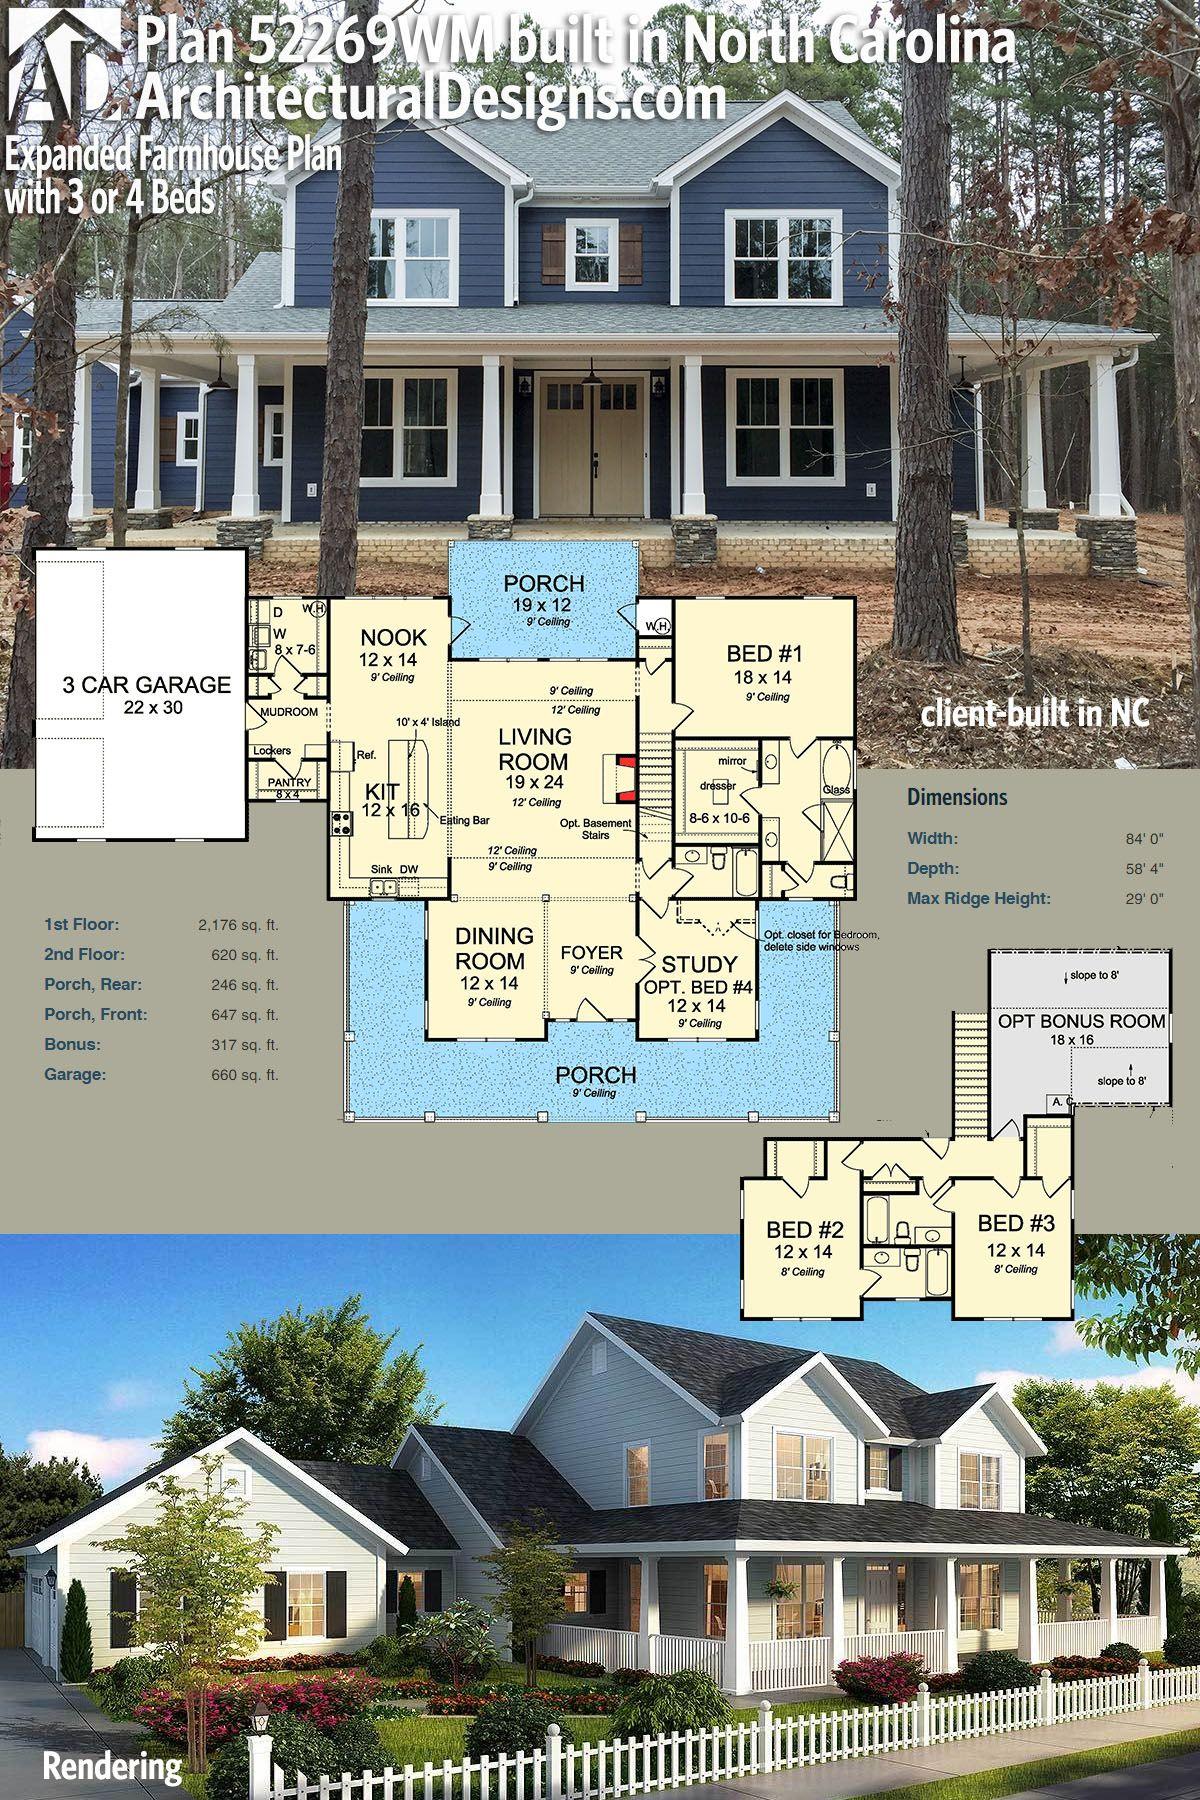 Architectural Designs Farmhouse Plan 52269WM   Client Built In North  Carolian. 2,700+ Sq